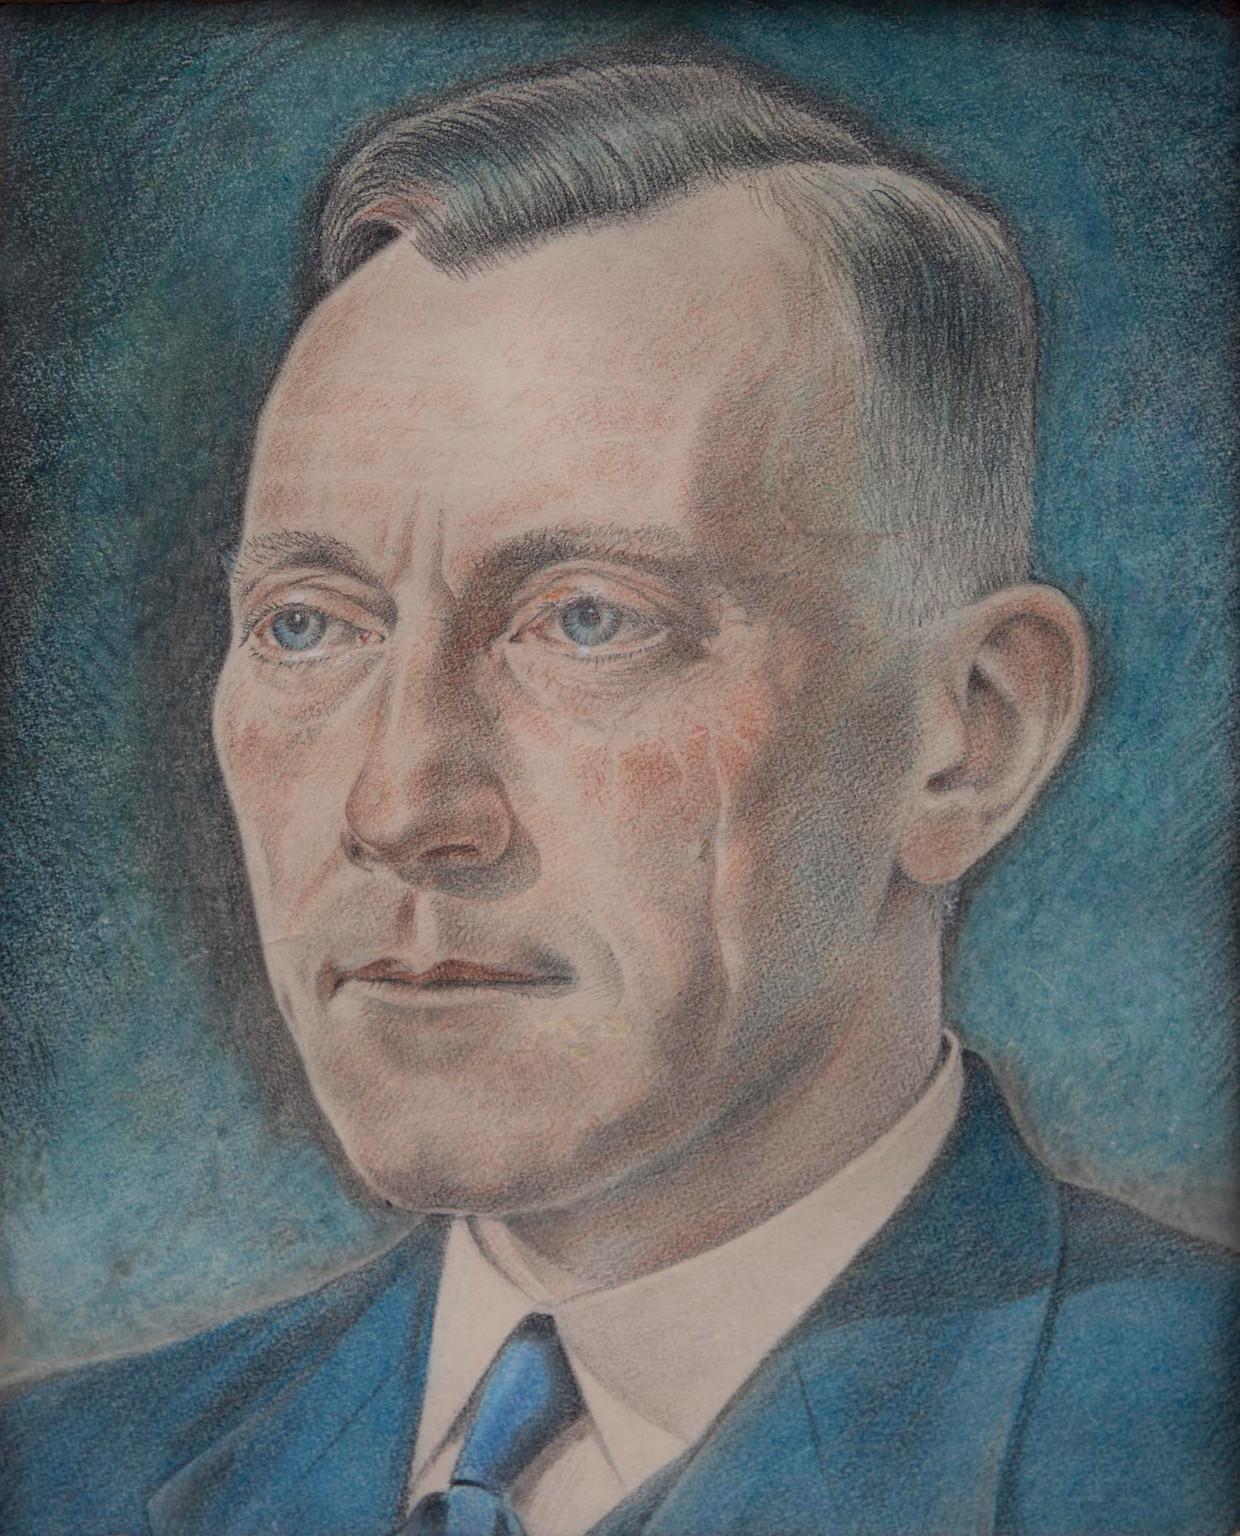 Trouw-verspreider Willem Santema, getekend door mede-gevangene Andries Gort in Kamp Haaren.